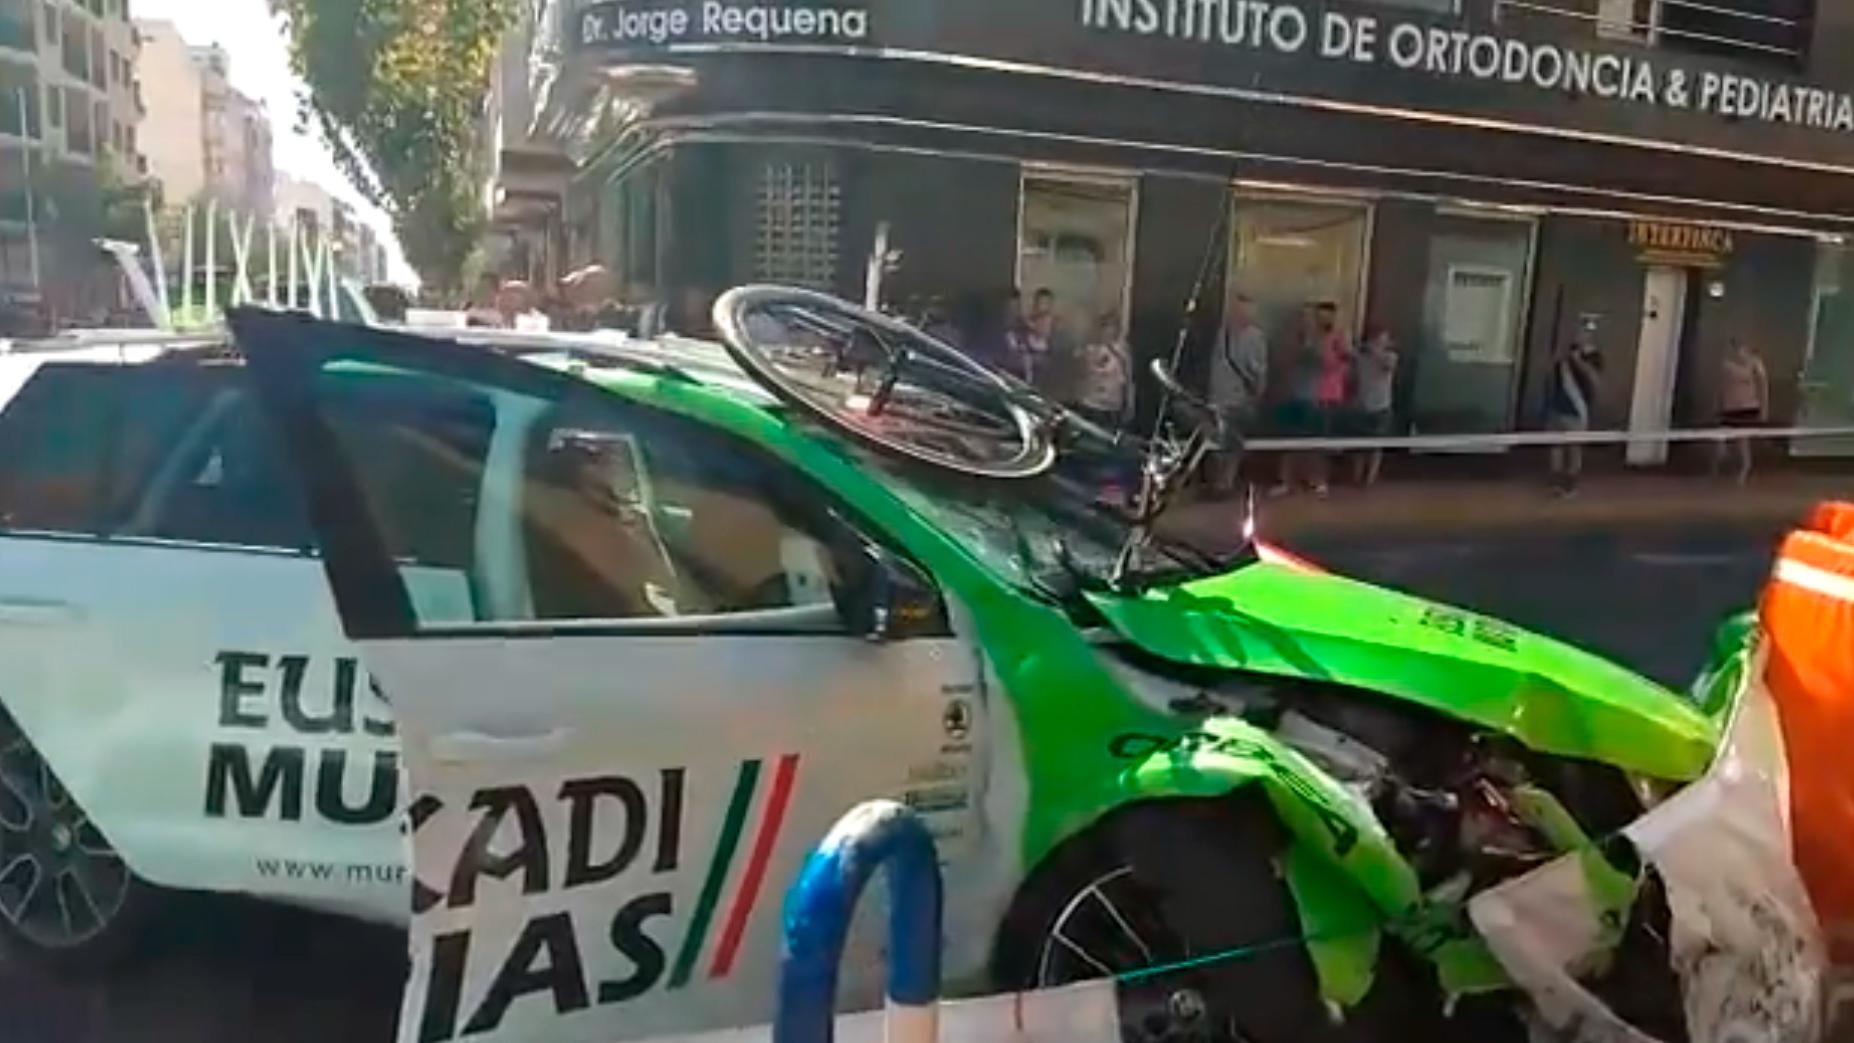 Vídeo | La Vuelta Ciclista 2019 empieza con un aparatoso accidente de un vehículo que seguía a su equipo